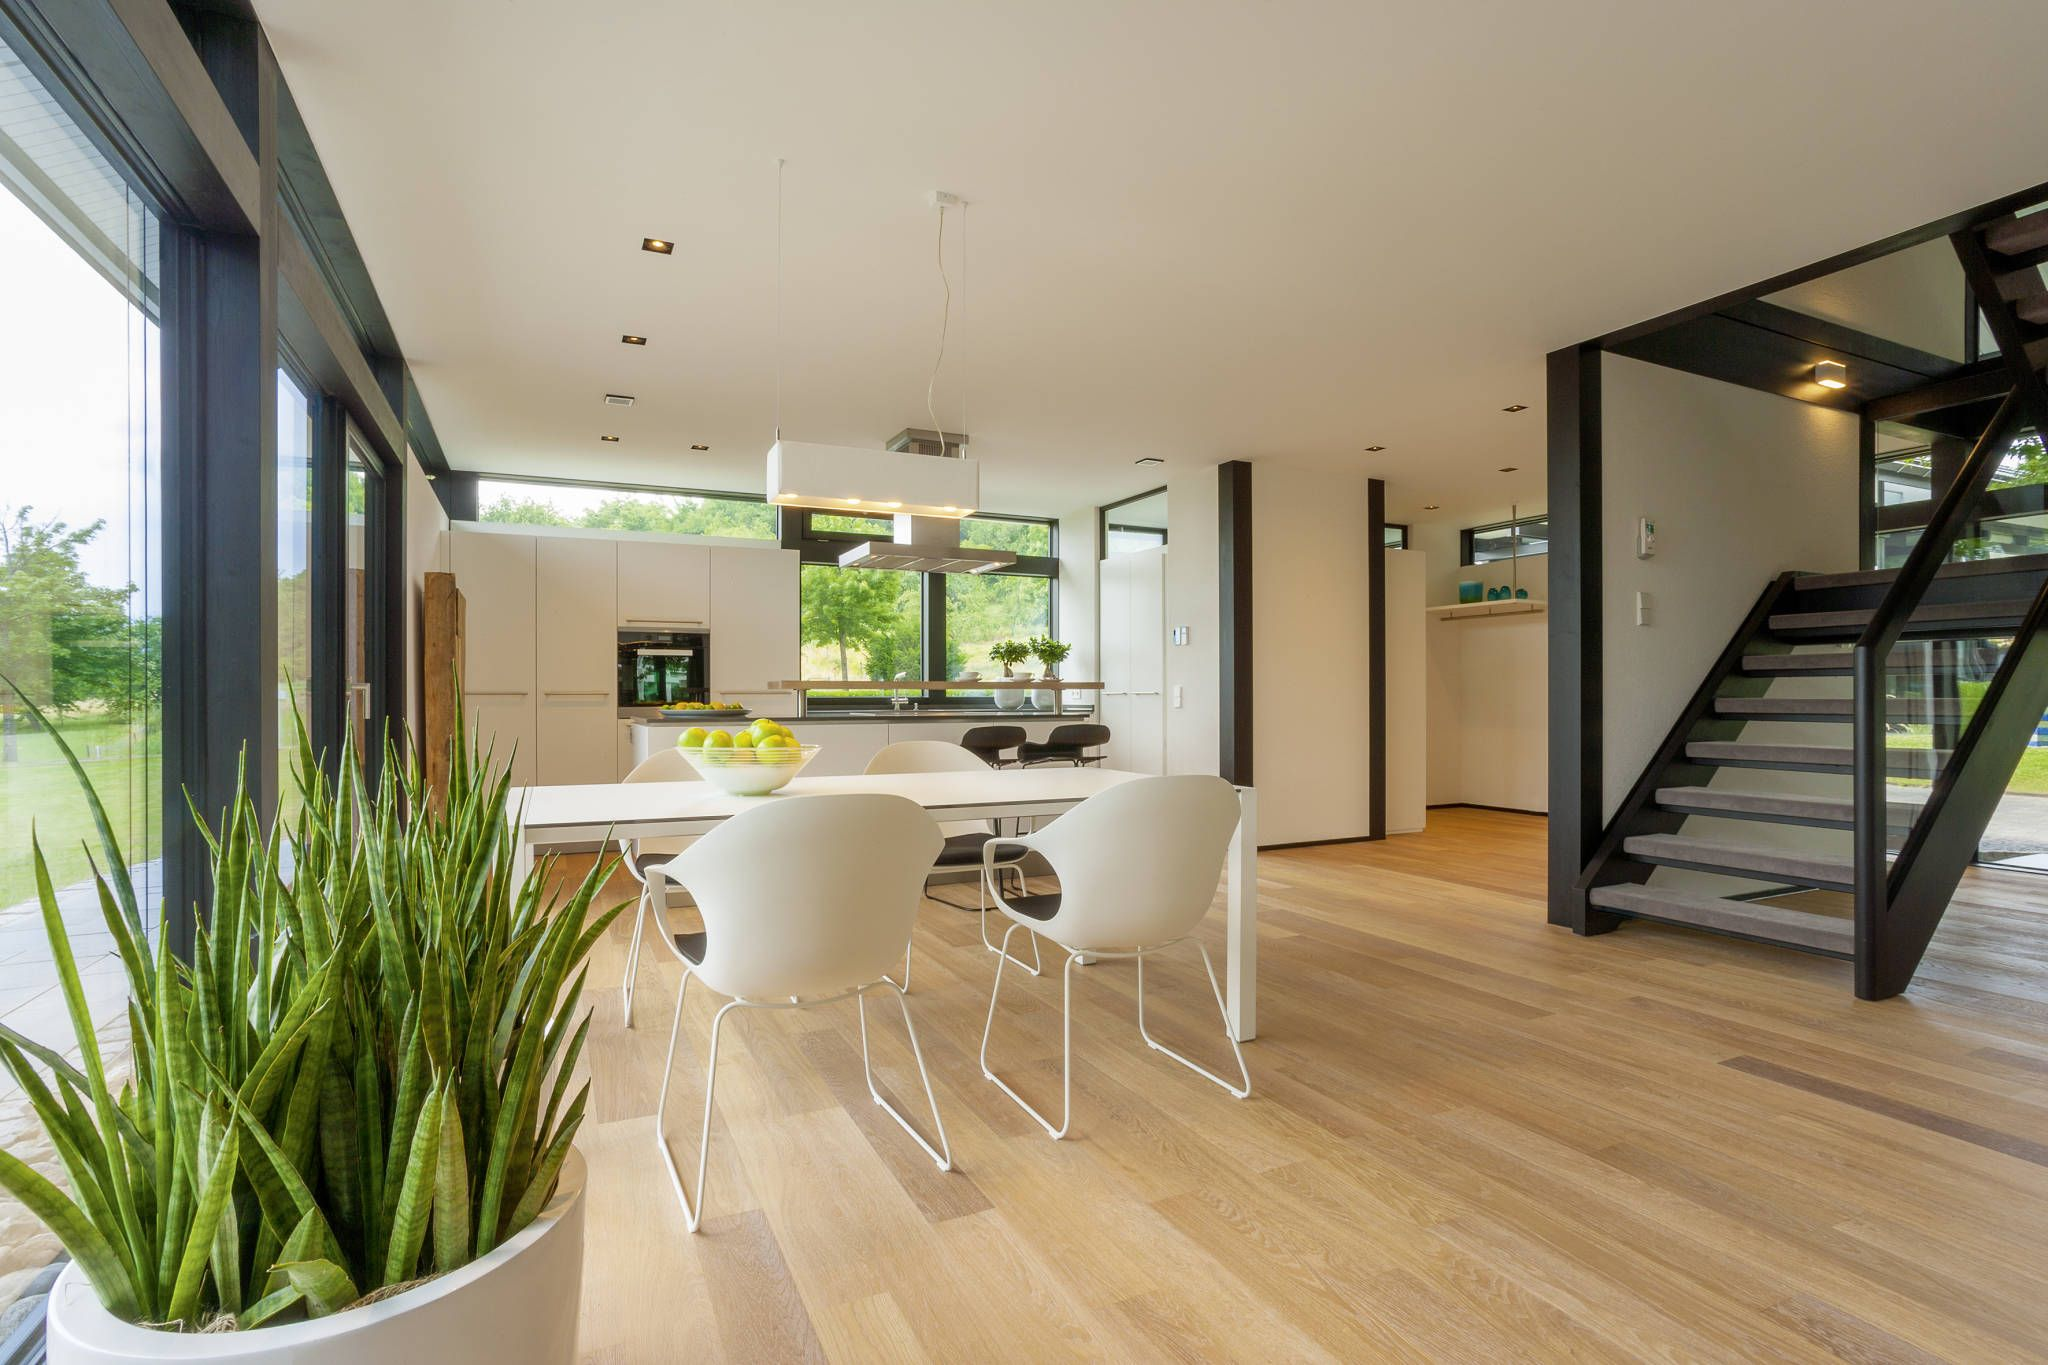 Moderne Esszimmer Bilder: HUF Haus modum: 7:10   Huf, Haus and Modern